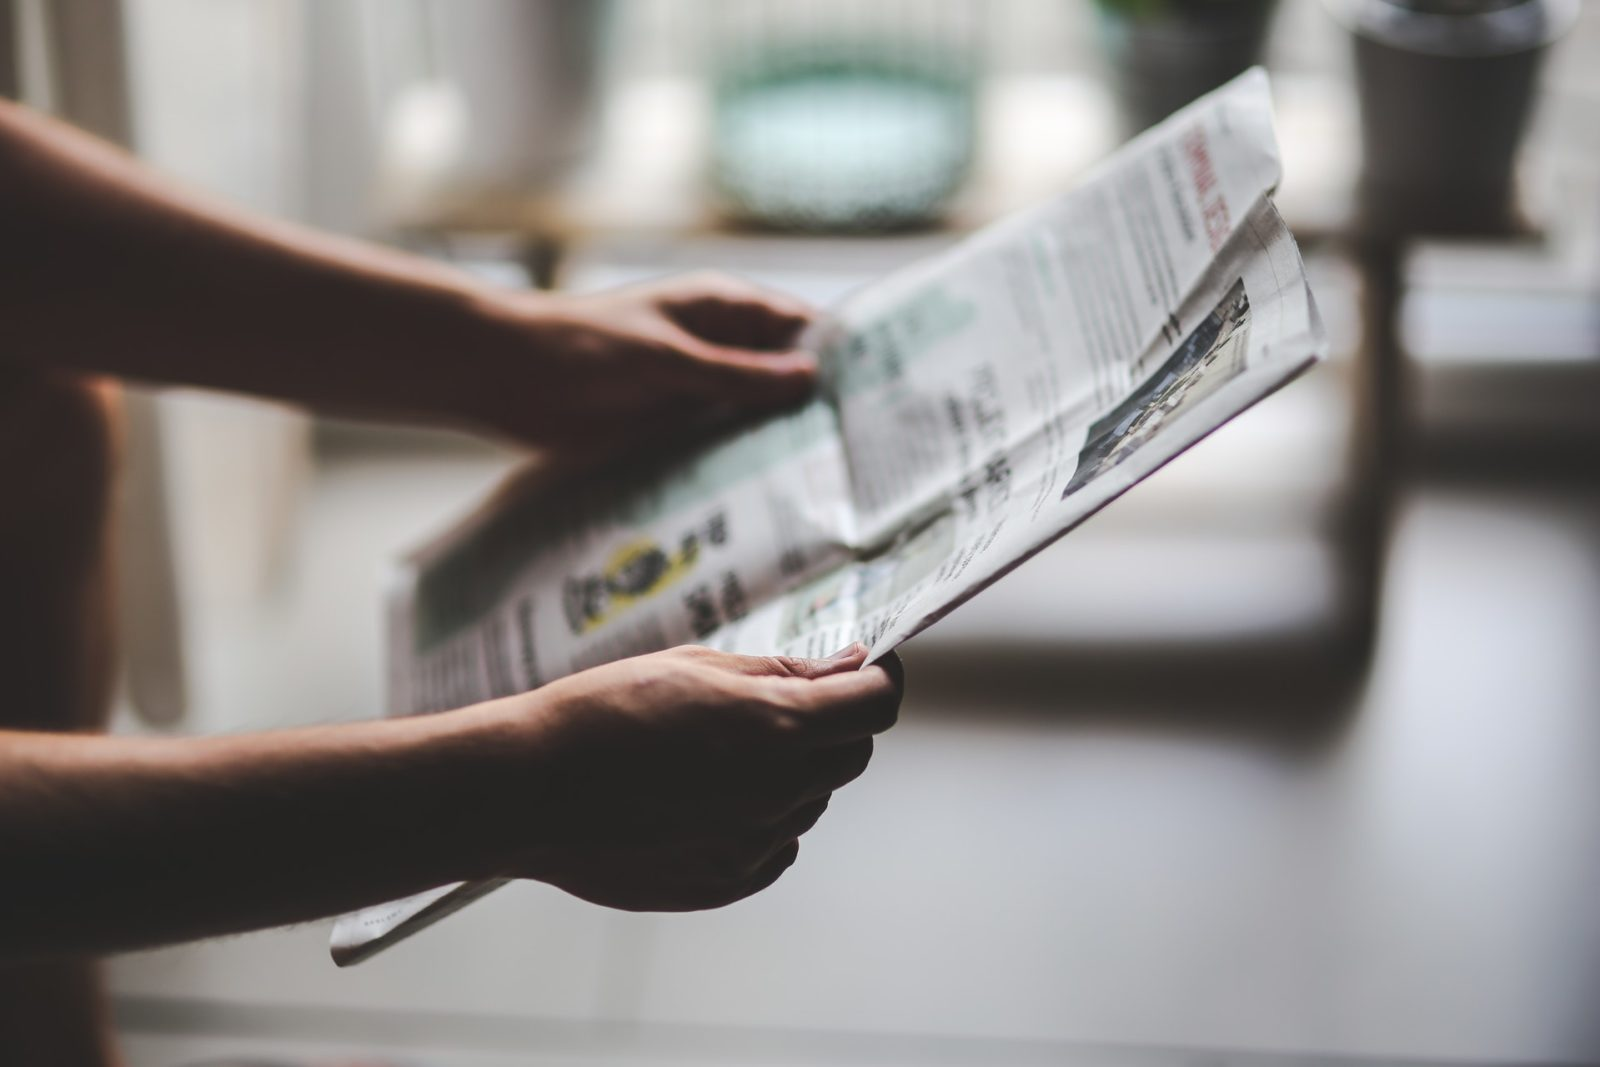 How to Start a News Website